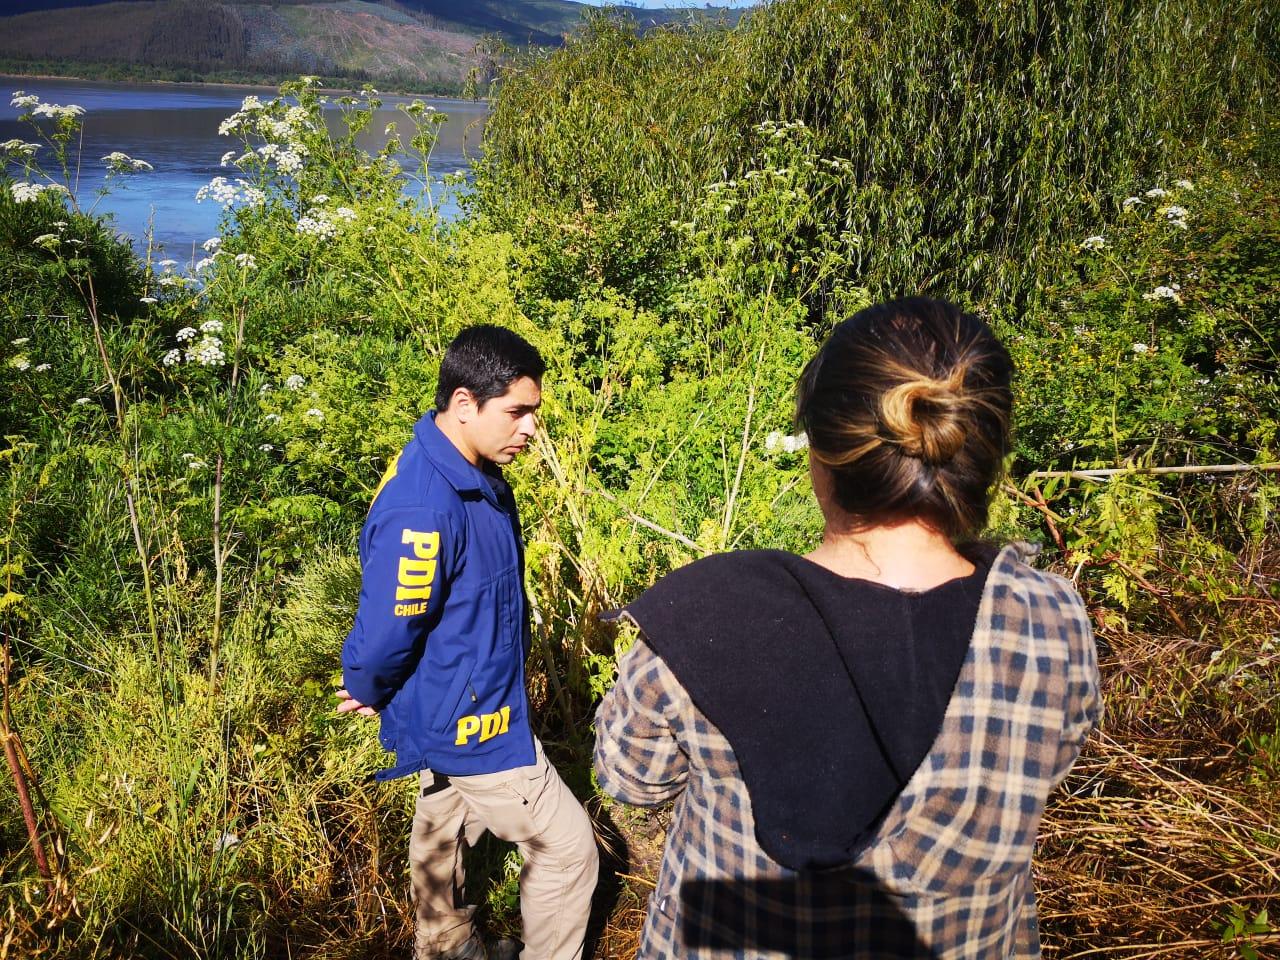 Madre de la joven con personal de la PDI en la ribera del Bío Bío  | Pedro Cid (RBB)